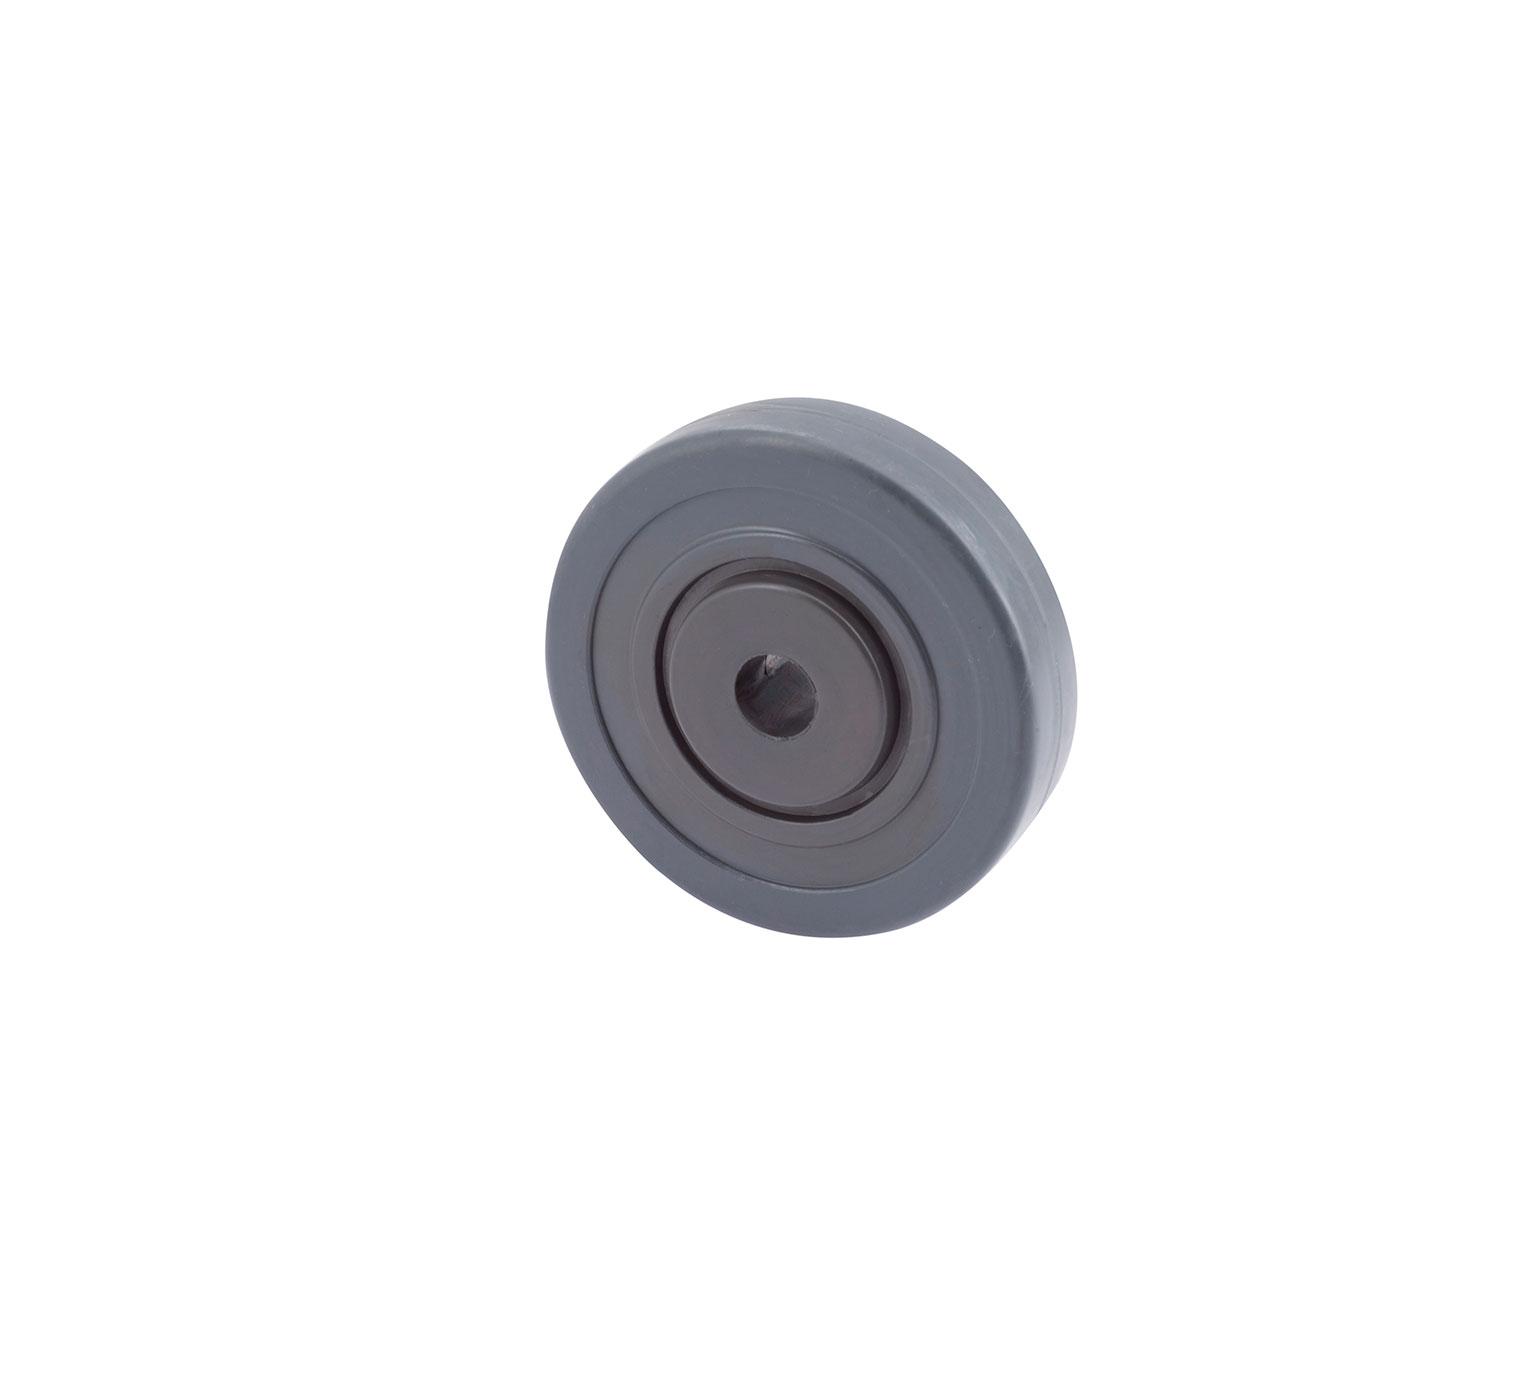 Tennanttrue Rubber Molded Wheel Pn 363162